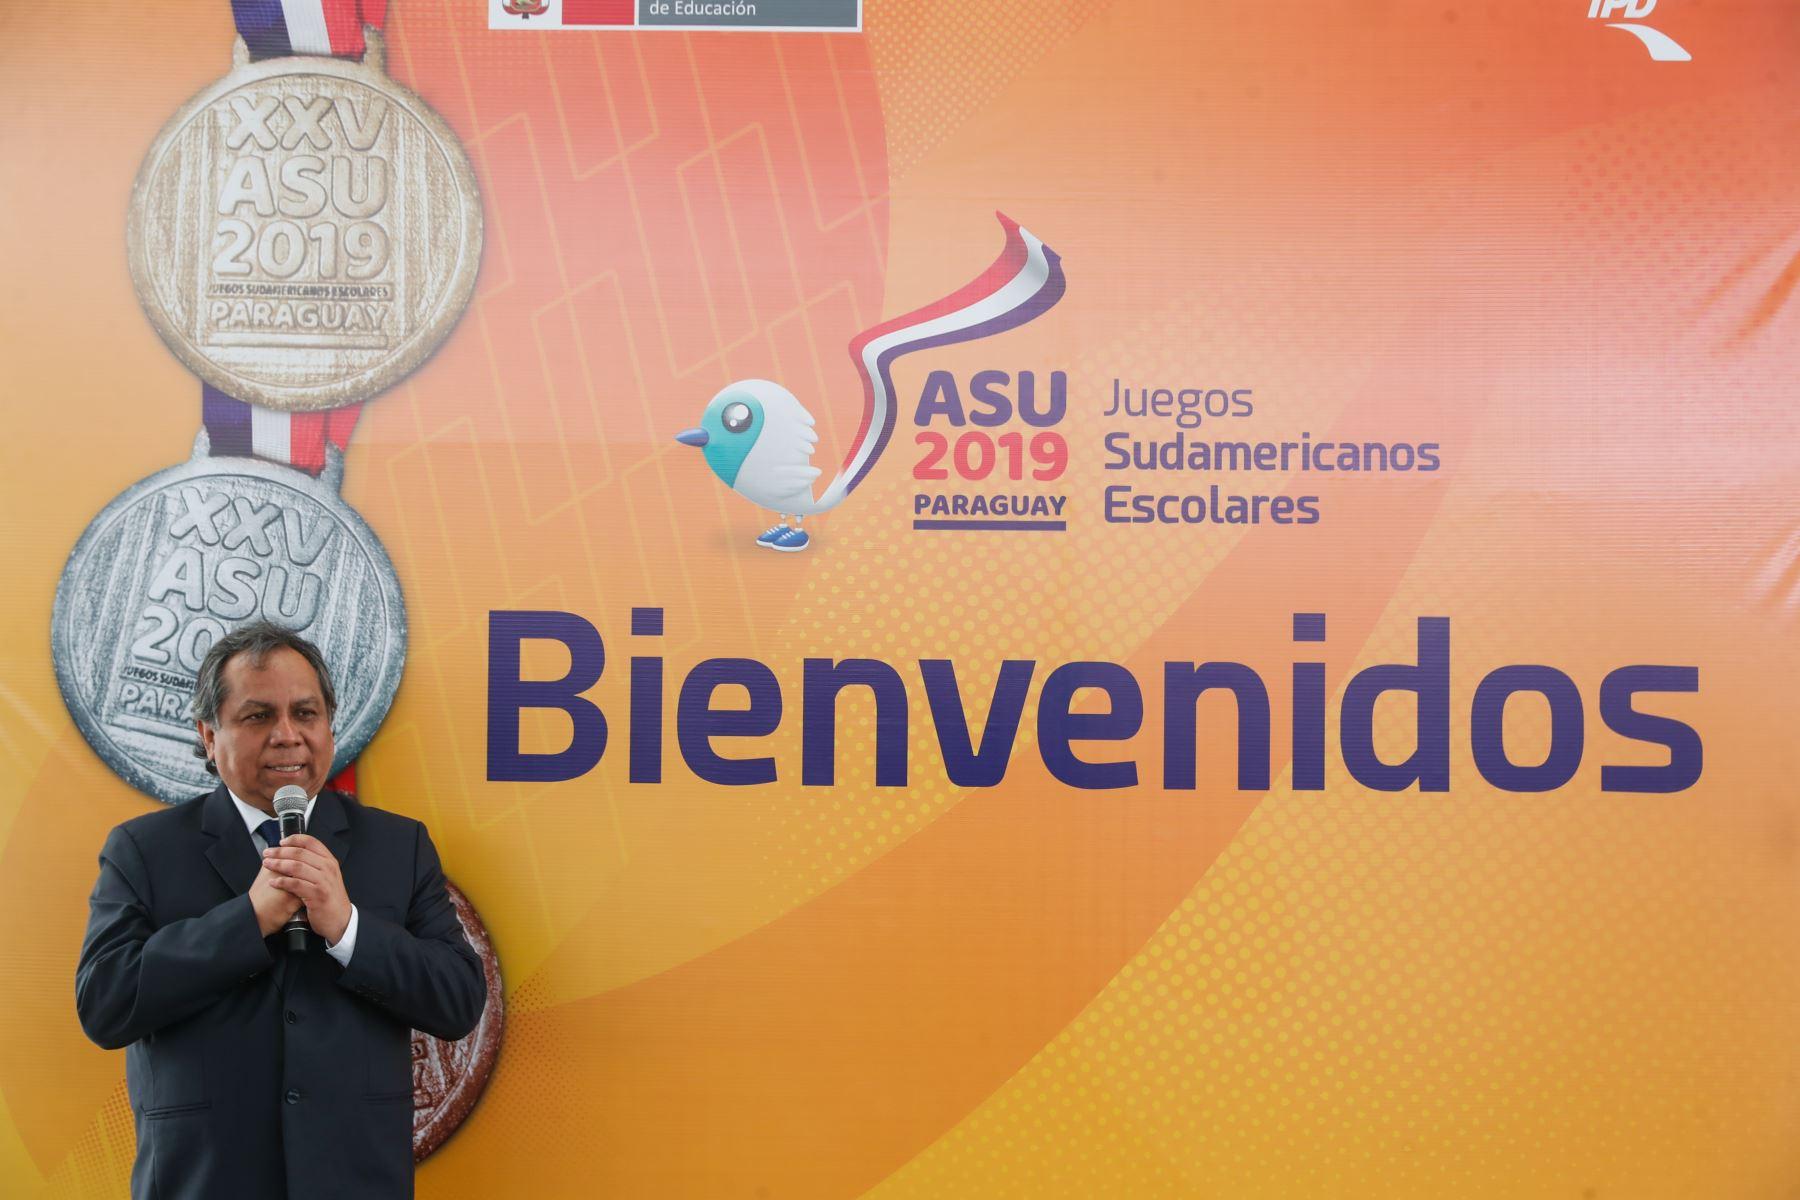 Palabras del Vice ministro, Guido  Rospigliosi en reconocimiento a delegación de  participantes de los Juegos Sudamericanos Escolares Asunción 2019. Foto: ANDINA/Renato Pajuelo